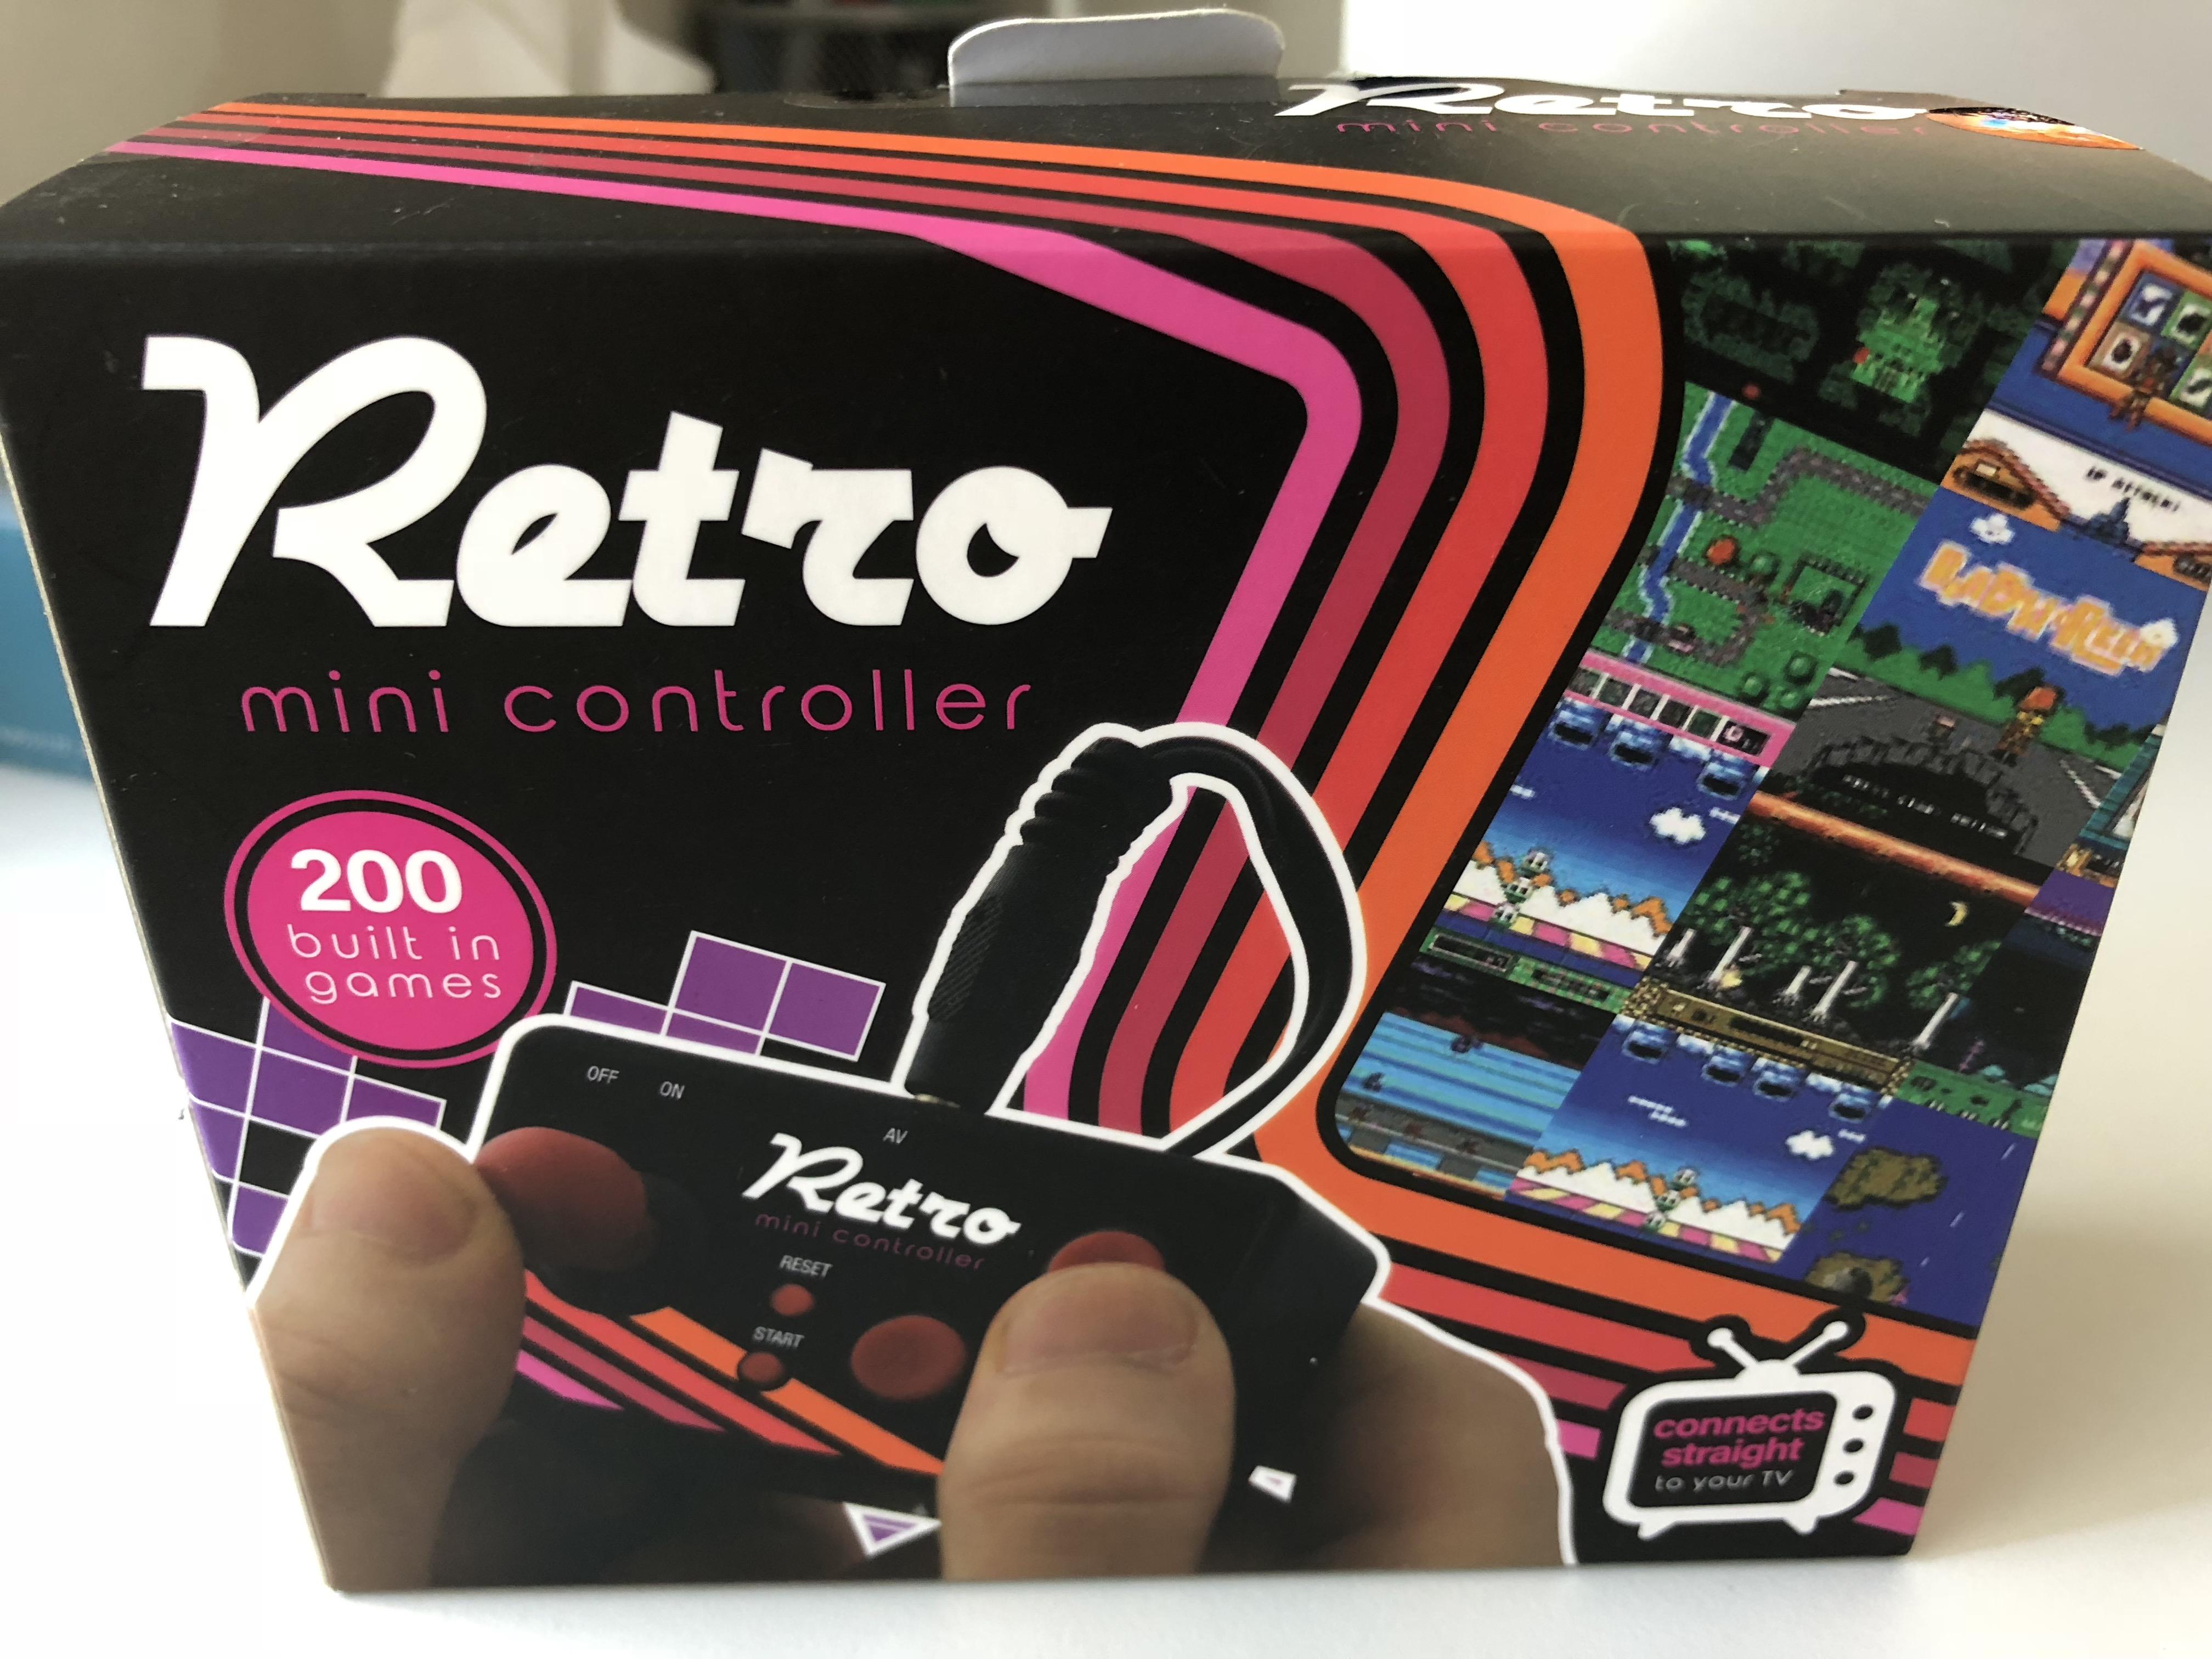 retro mini controller box.JPG